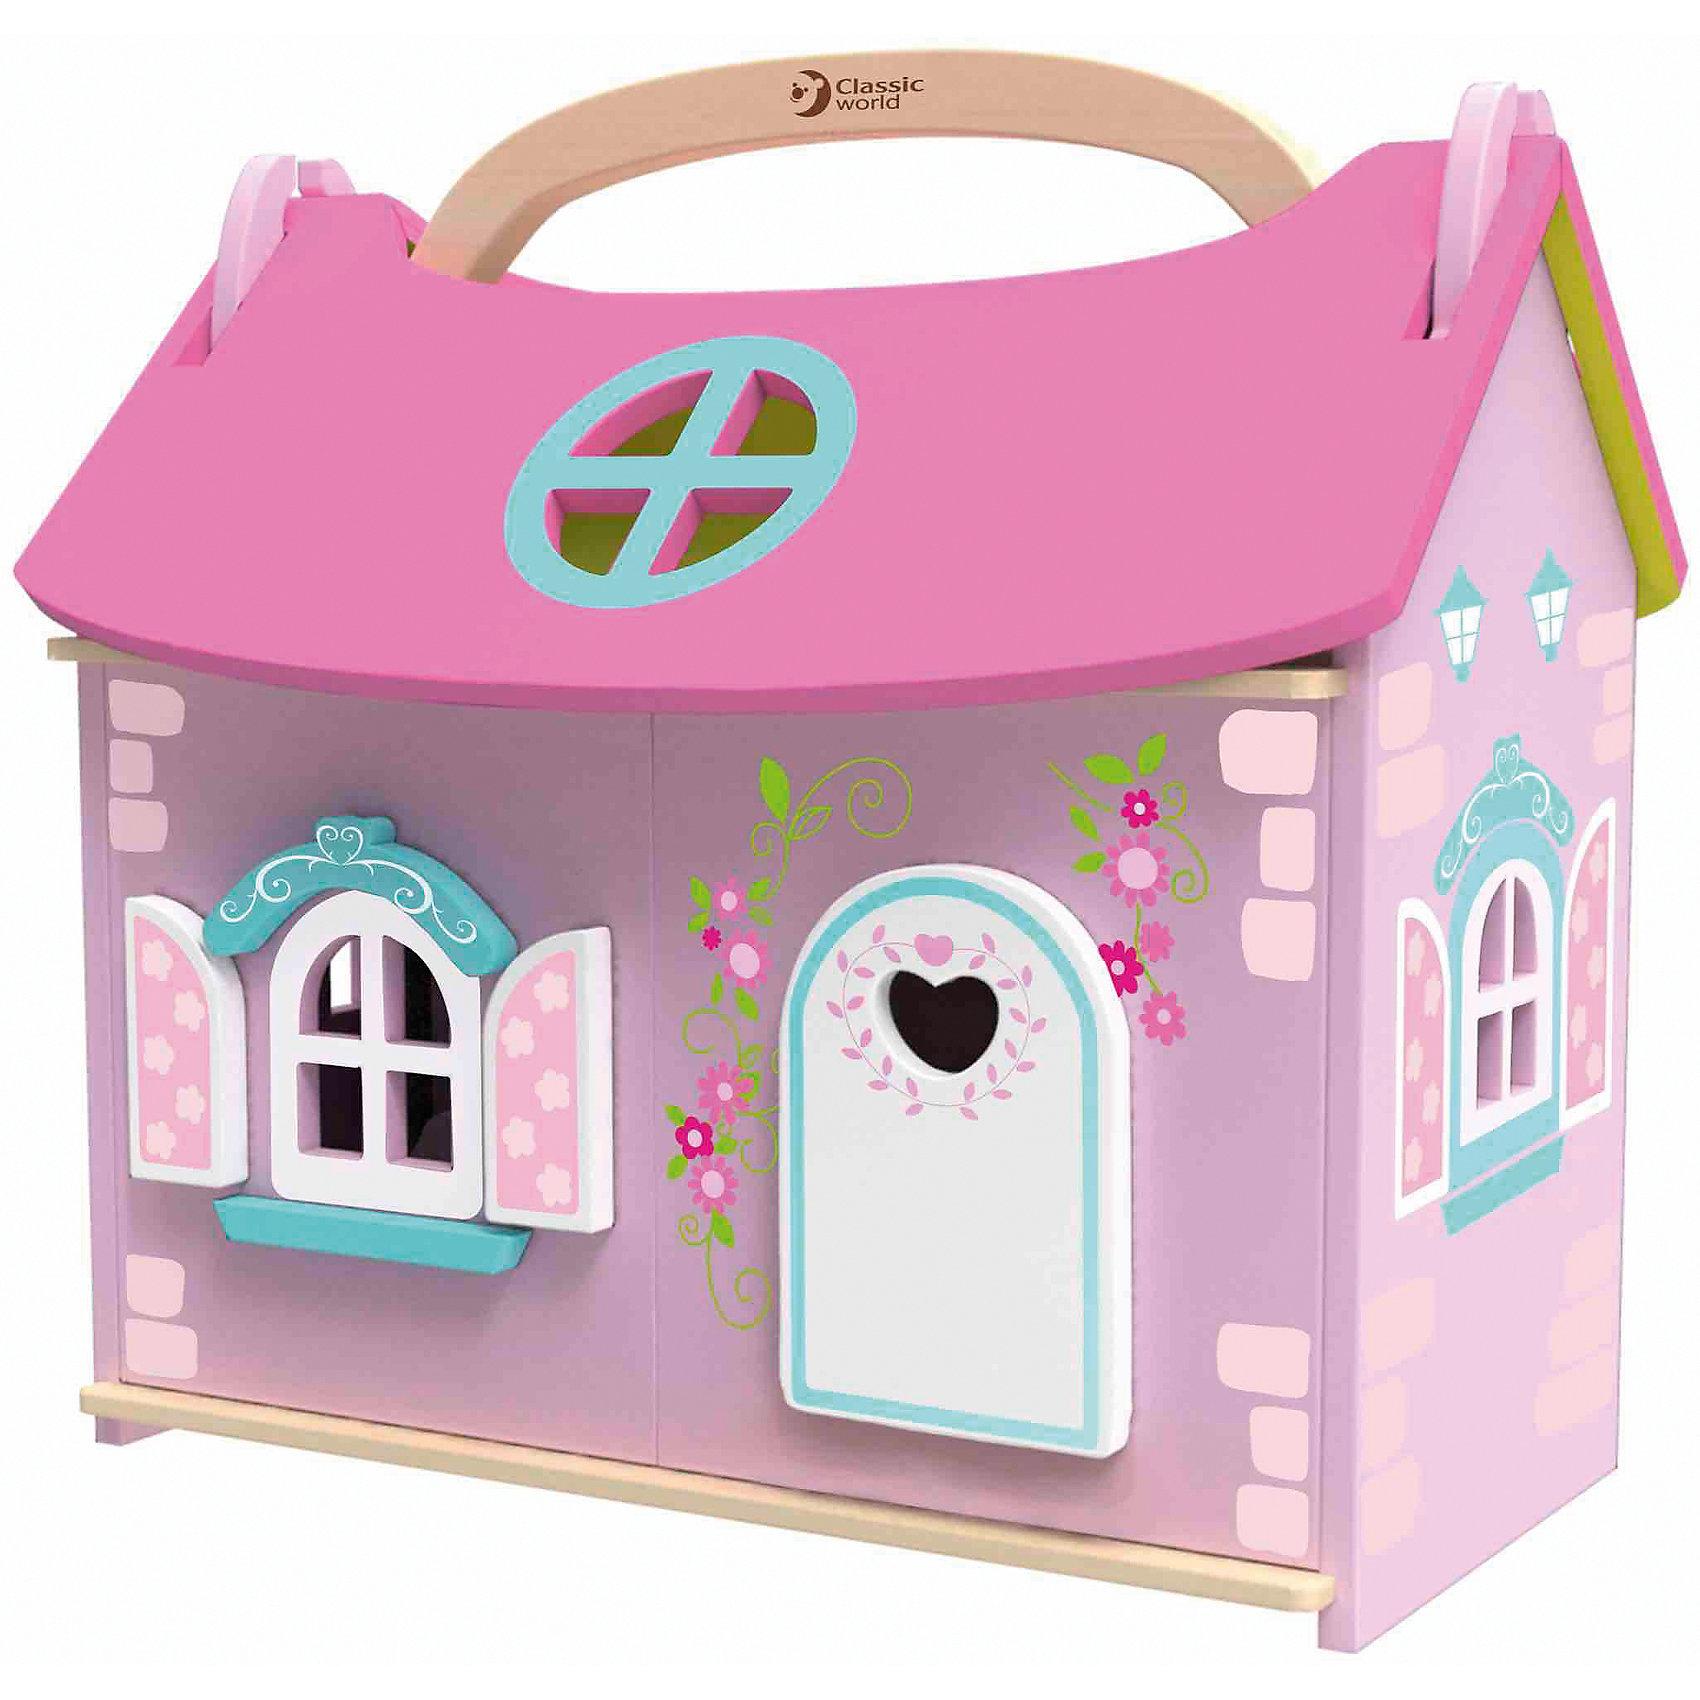 Деревянный домик-чемодан с мебелью и куклой Classic World Домик маленькой принцессыДомики и мебель<br>1. Сказочный мир ожидает вашу маленькую принцессу! Удобный переносной домик с ручкой с хозяйкой-принцессой, полностью обставлен стильной мебелью. <br>2. В комплекте: домик с ручкой, крыша съёмная. Куколка и 10 предметов мебели ( шкаф, кровать, 2 тумбочки и лампа, кресло, стол и стул, зеркало с раковиной и ванна). <br>3. Ребёнок сможет придумать удивительные истории о жизни маленькой хозяйки особняка, что прекрасно способствует развитию творческого мышления. <br>4. Сюжетно-ролевые игры великолепно развивают коммуникативные навыки ребёнка, а в процессе игры ребёнок сможет пополнить свой словарный запас. <br>5. Игрушка выполнена из высококачественных материалов, а значит вы будете уверены в безопасности Вашего ребёнка.<br><br>Ширина мм: 600<br>Глубина мм: 470<br>Высота мм: 160<br>Вес г: 2000<br>Возраст от месяцев: 36<br>Возраст до месяцев: 2147483647<br>Пол: Унисекс<br>Возраст: Детский<br>SKU: 7044544